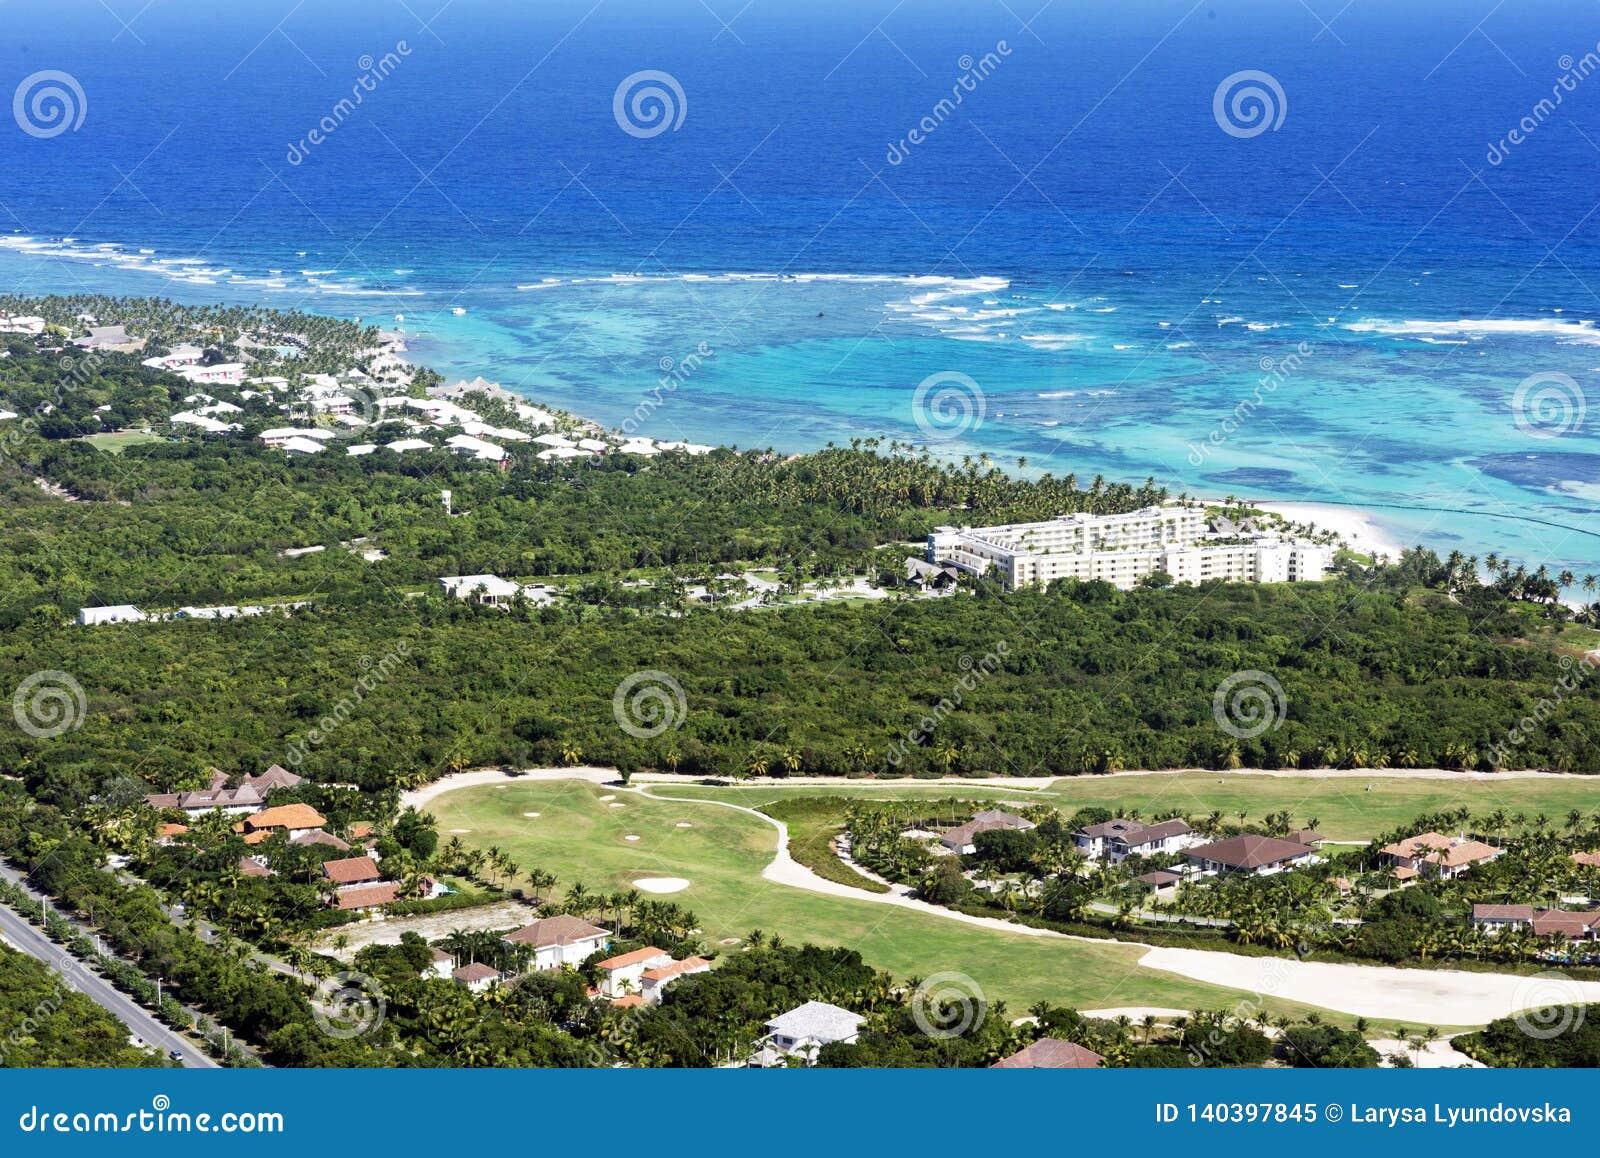 Schöne Draufsicht: Türkis karibisches Meer, sandiger Strand, Palmenwaldung, Hotels an einem hellen sonnigen Tag